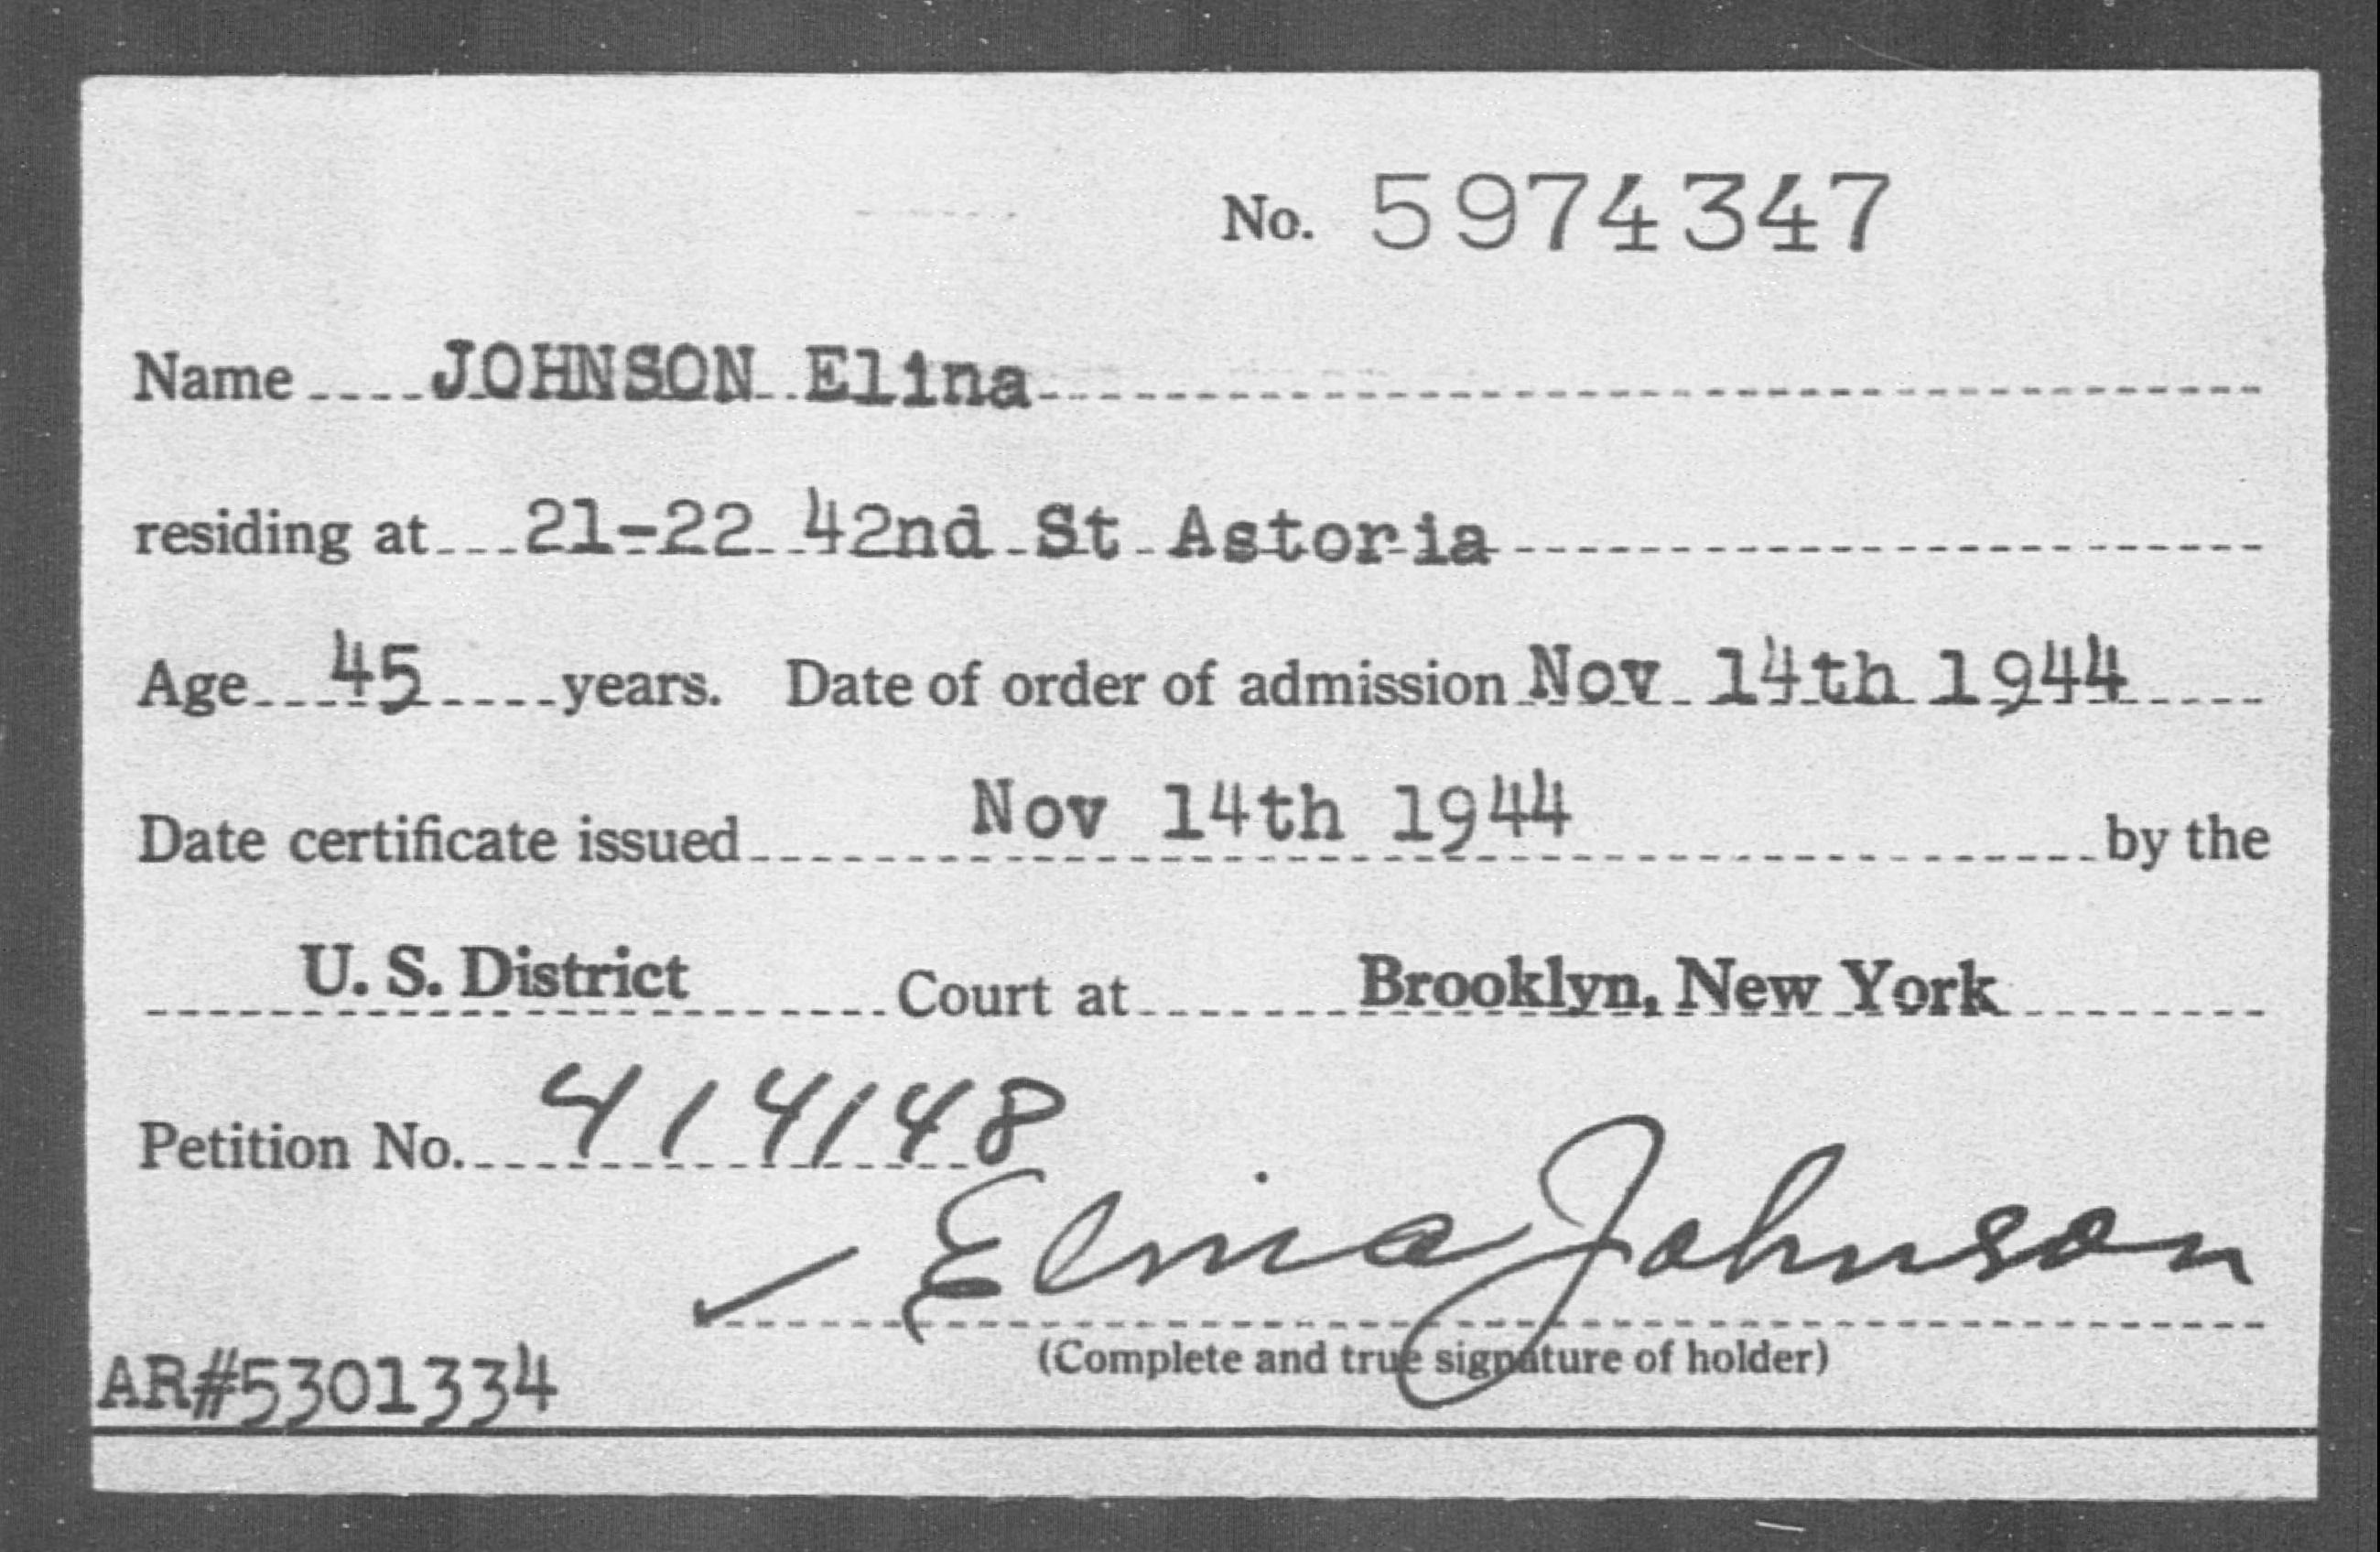 JOHNSON Elina - Born: [BLANK], Naturalized: 1944